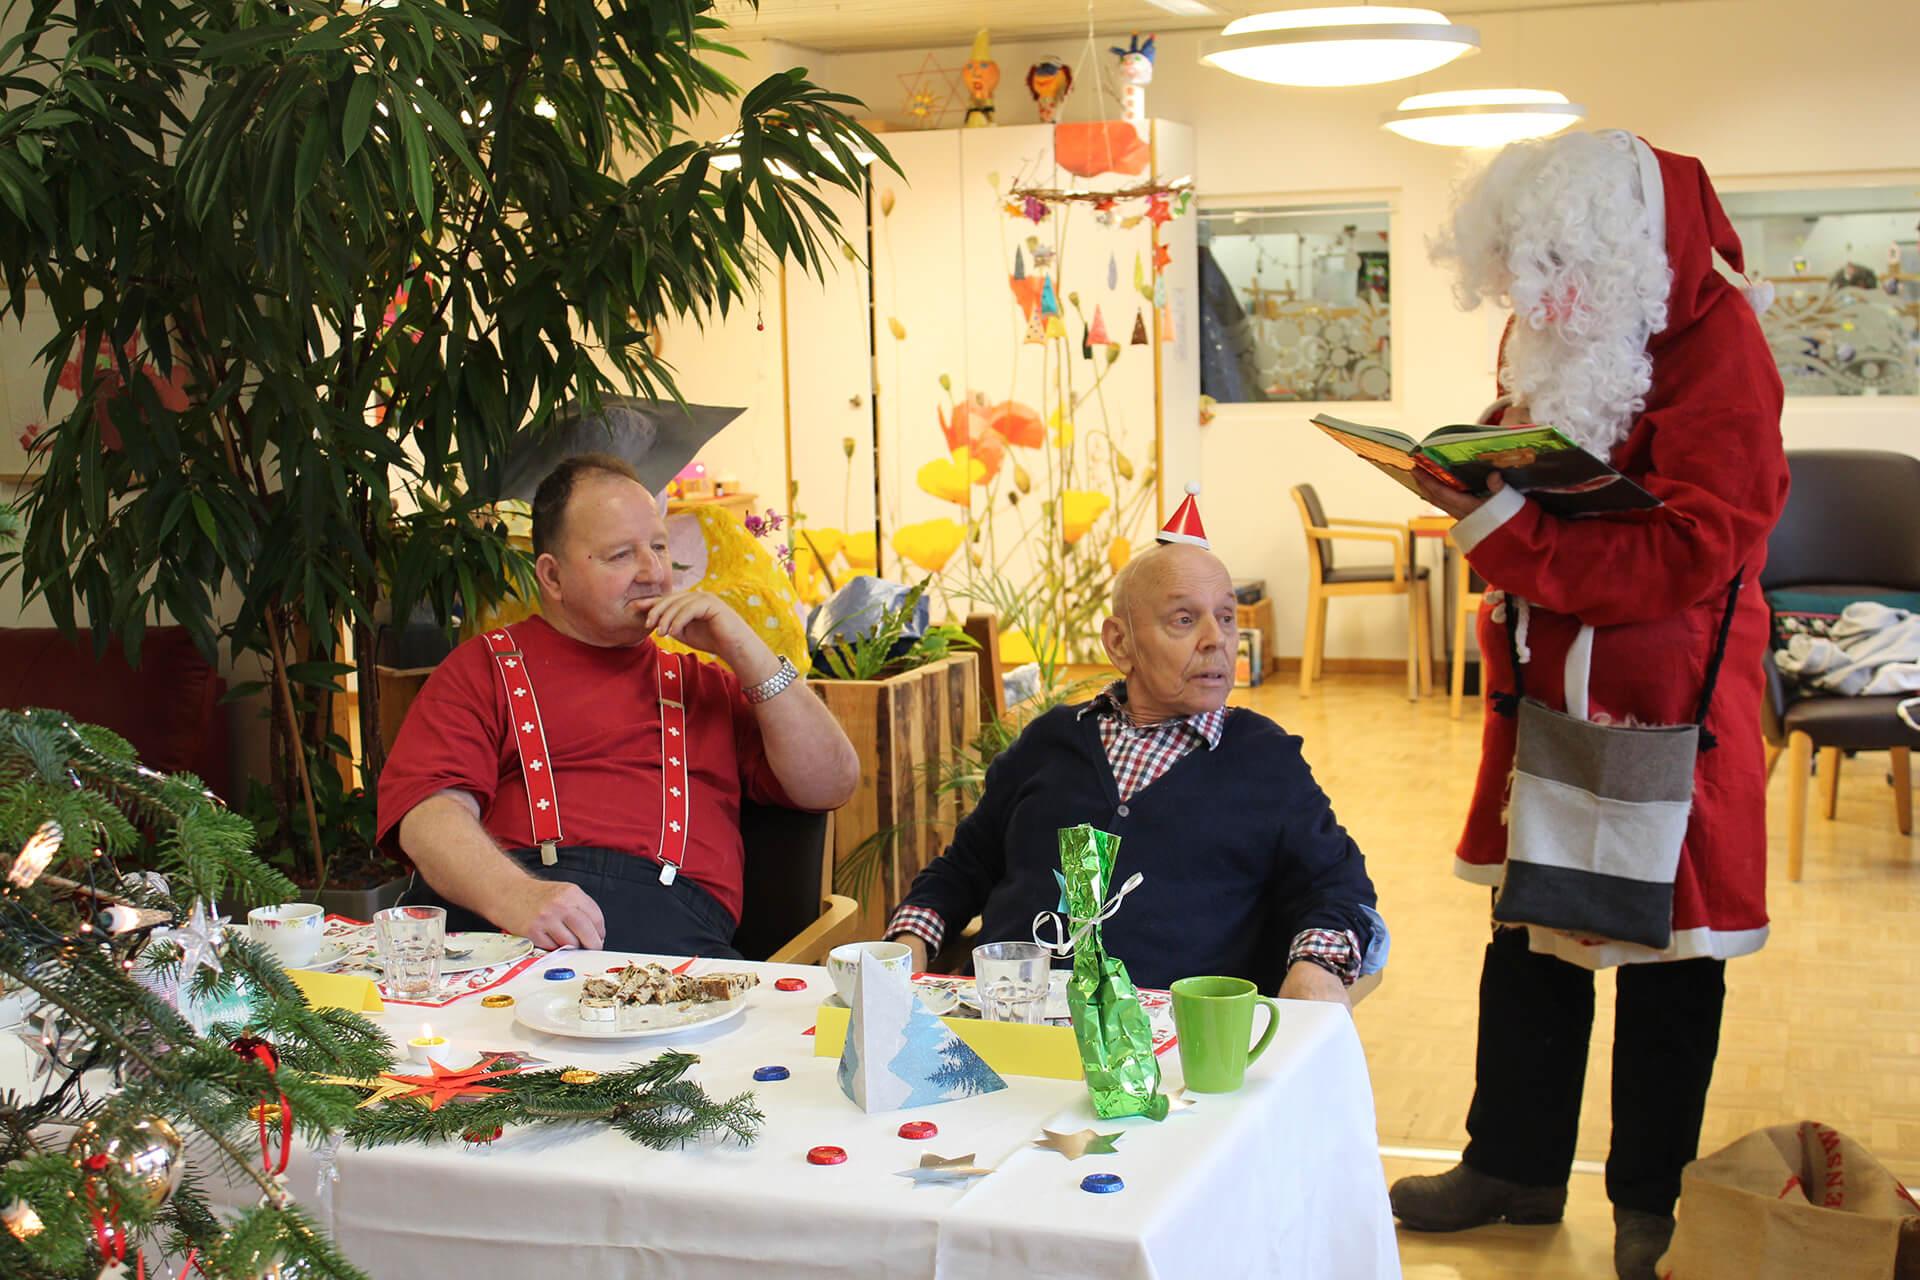 Der Samichlaus kam auch im Corona-Jahr zum Senioren-Atelier der Martin Stiftung.